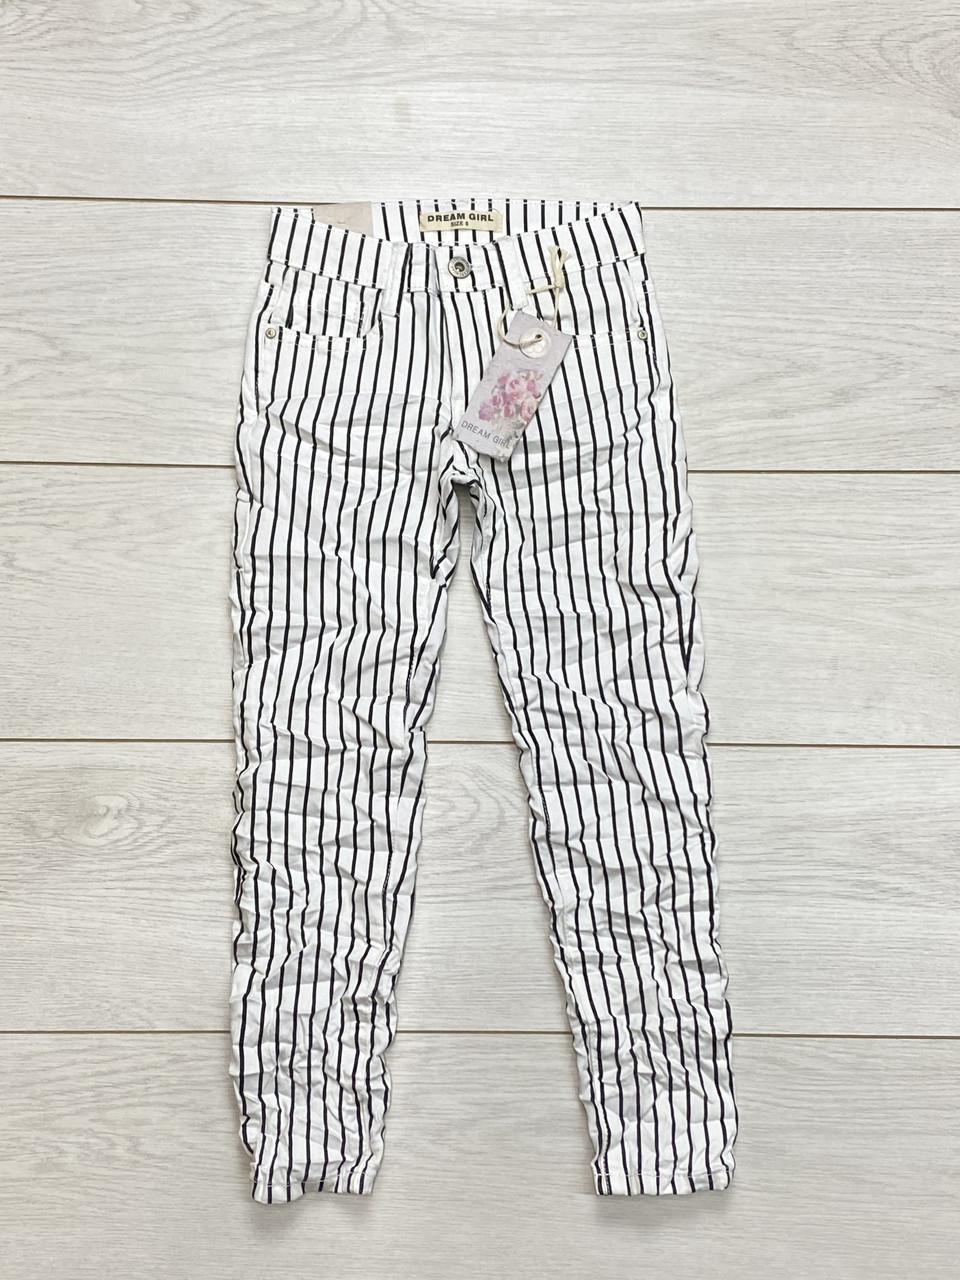 Стрейчевые катоновые брюки. 14-  лет.